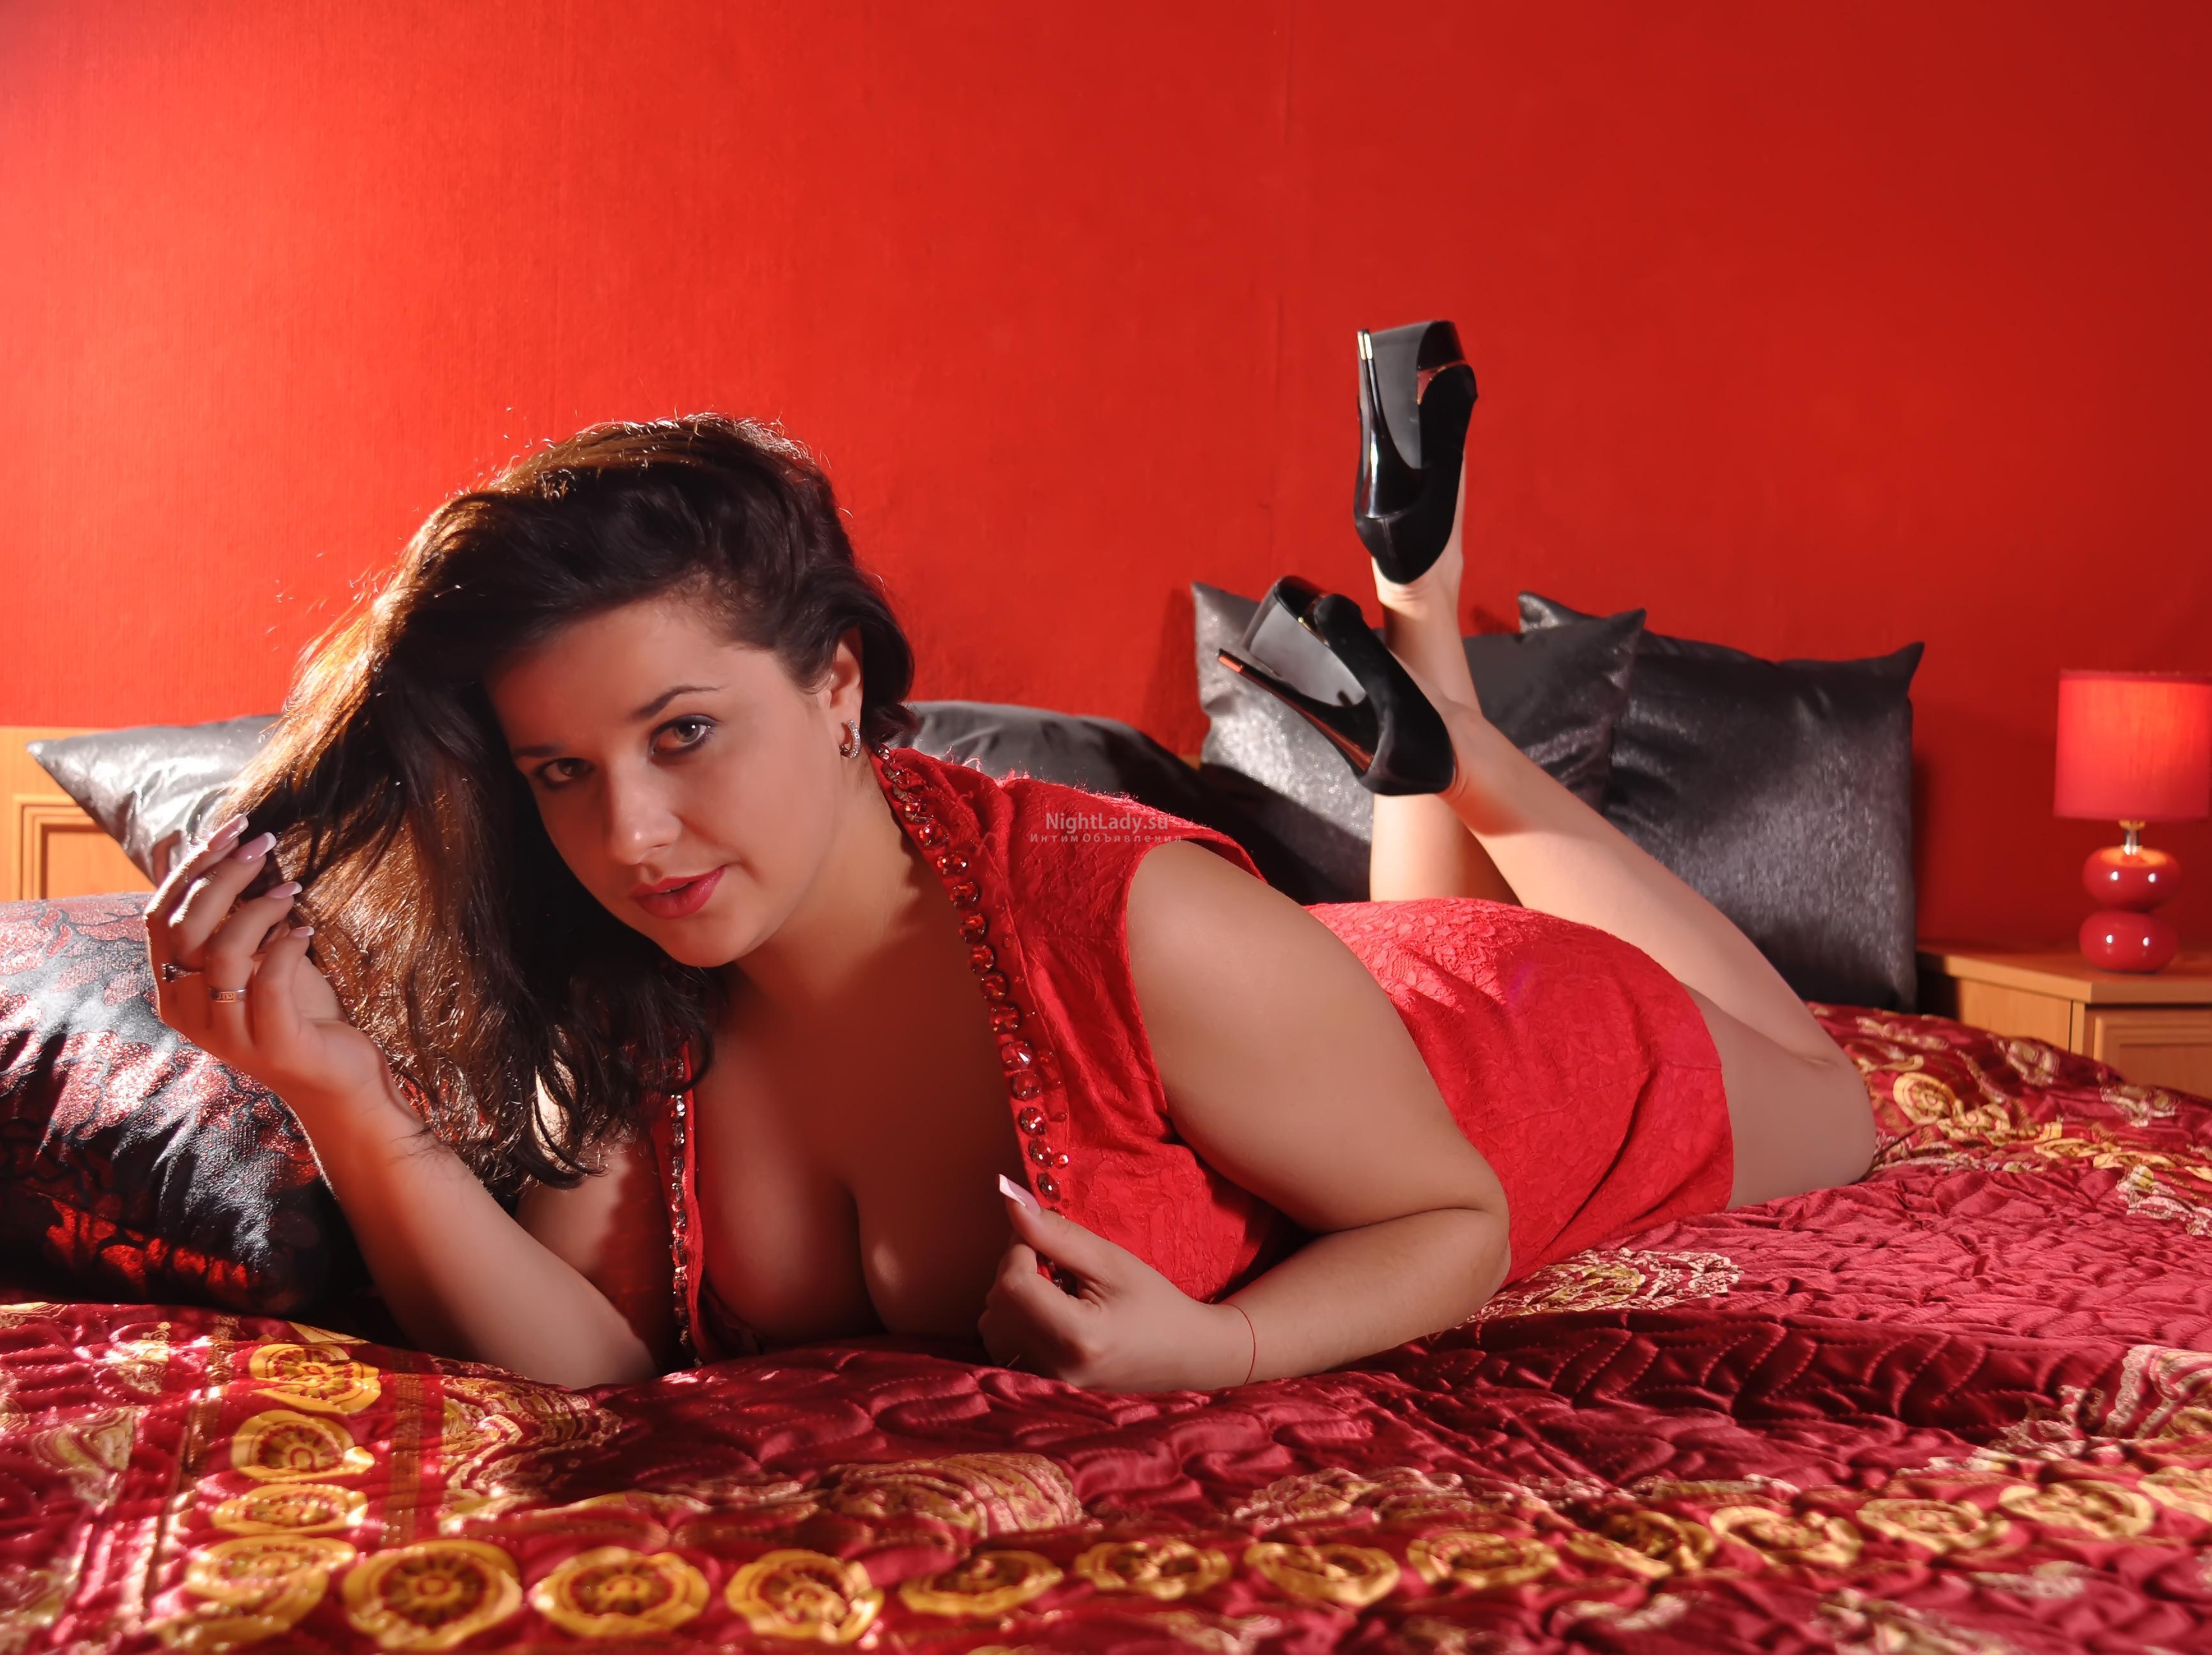 Хабаровск снять проститутка 17 фотография